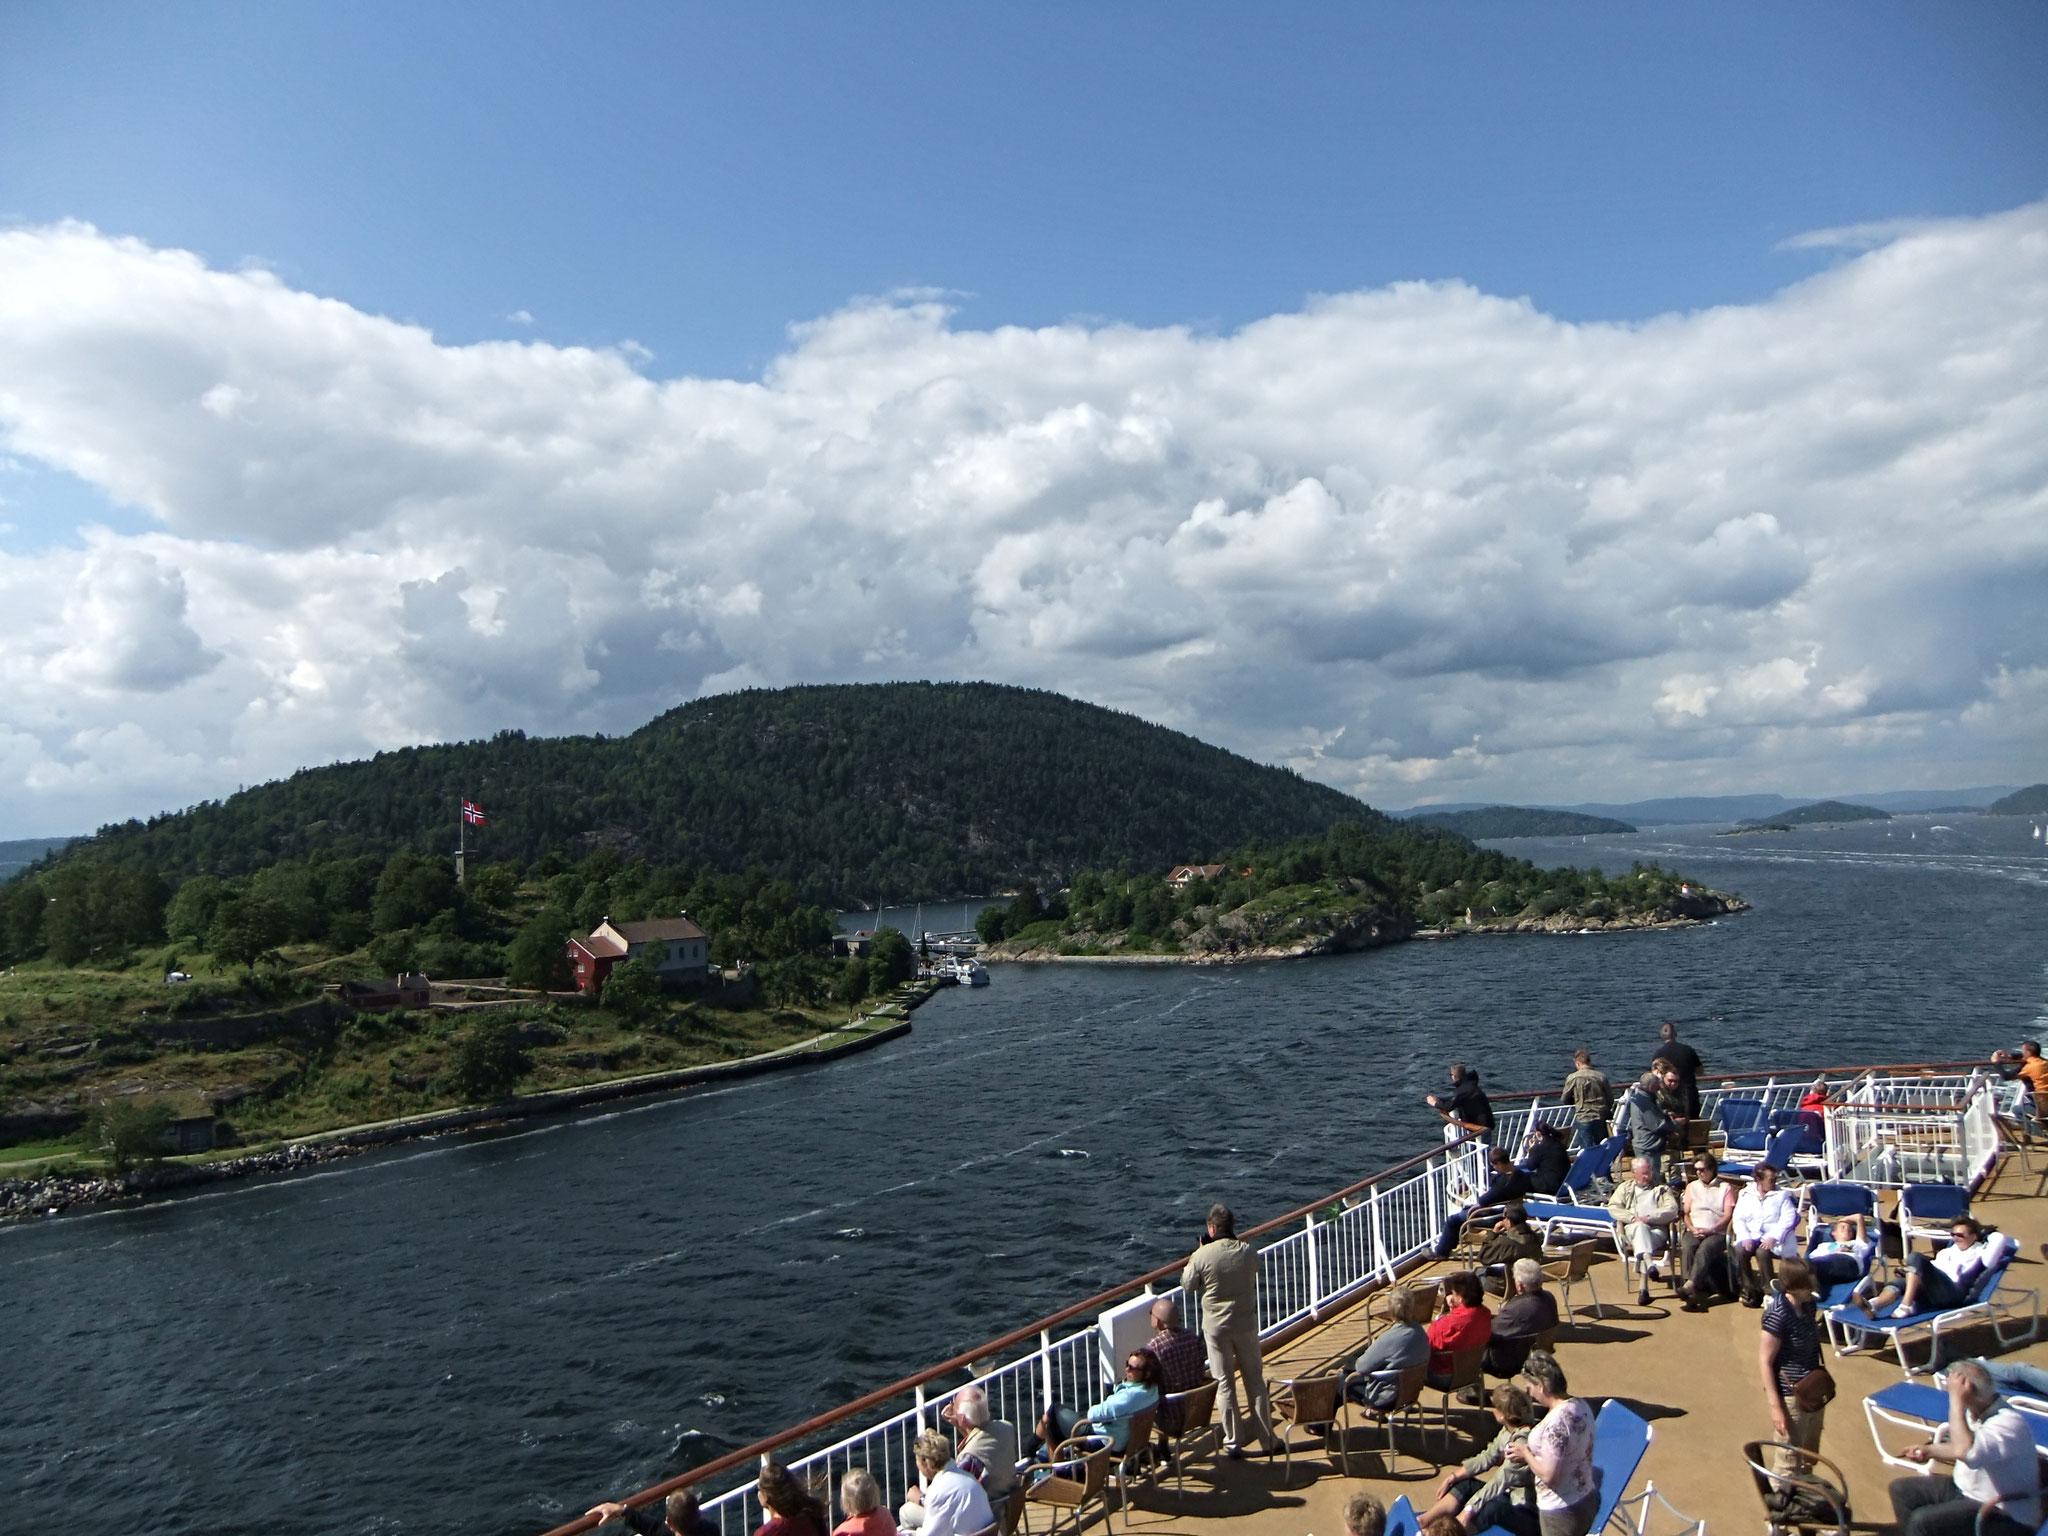 letzter Blick auf den Fjord im Sonnenschein